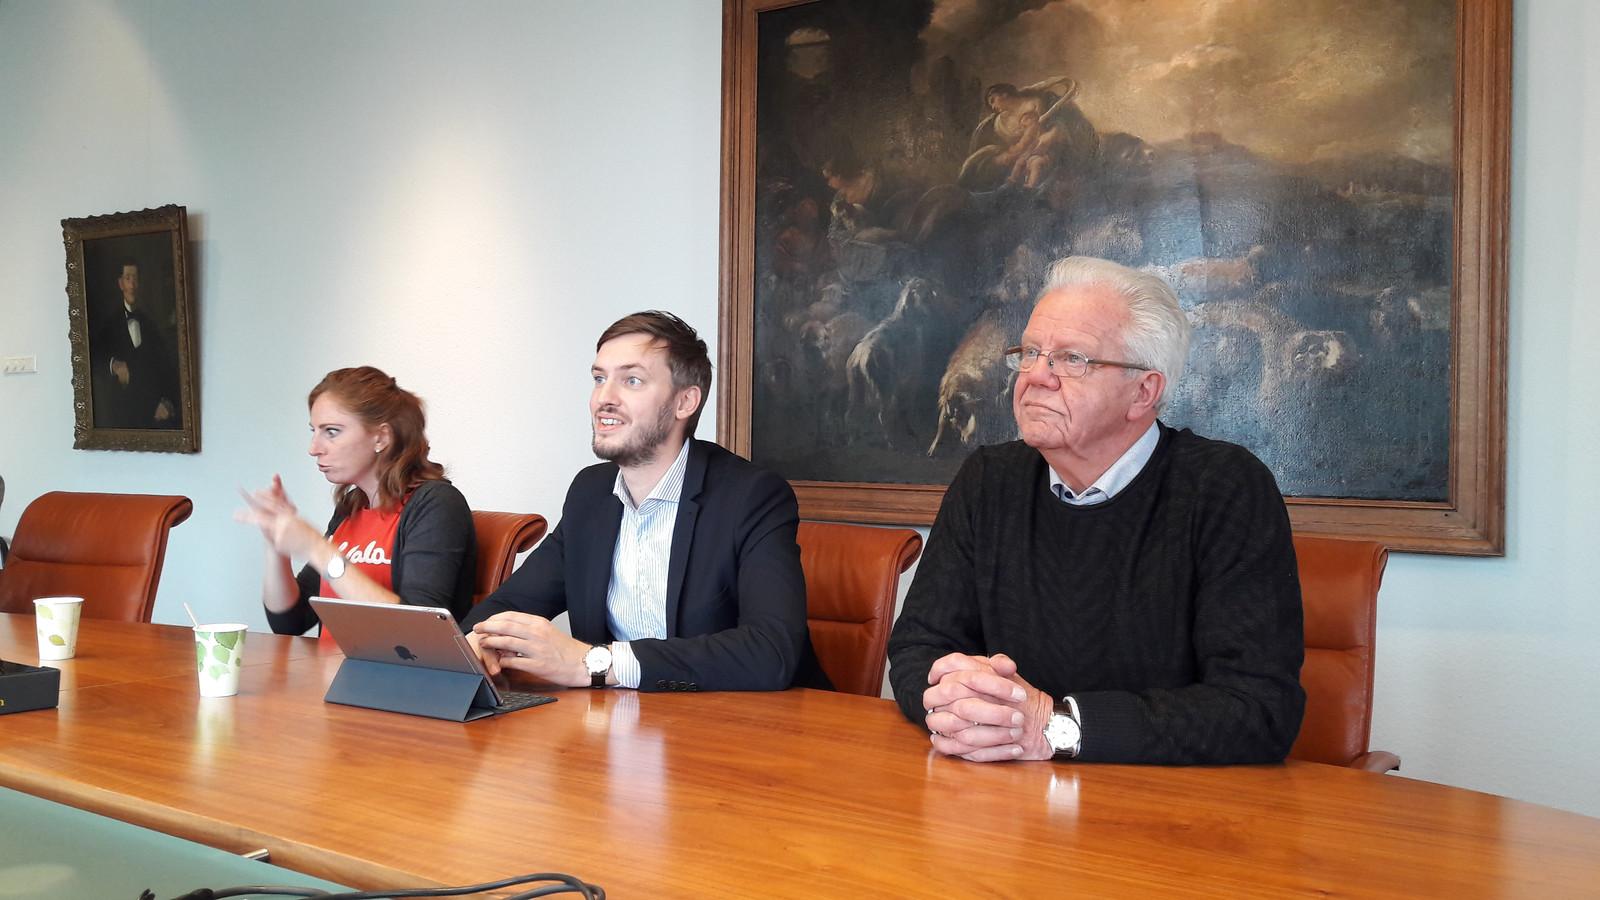 Wethouder Rik Compagne (midden) tijdens het persgesprek over 'meedoen' in Meierijstad. Links van hem een gebarentolk, rechts Gerard Visser van Stichting Toegankelijk Meierijstad.